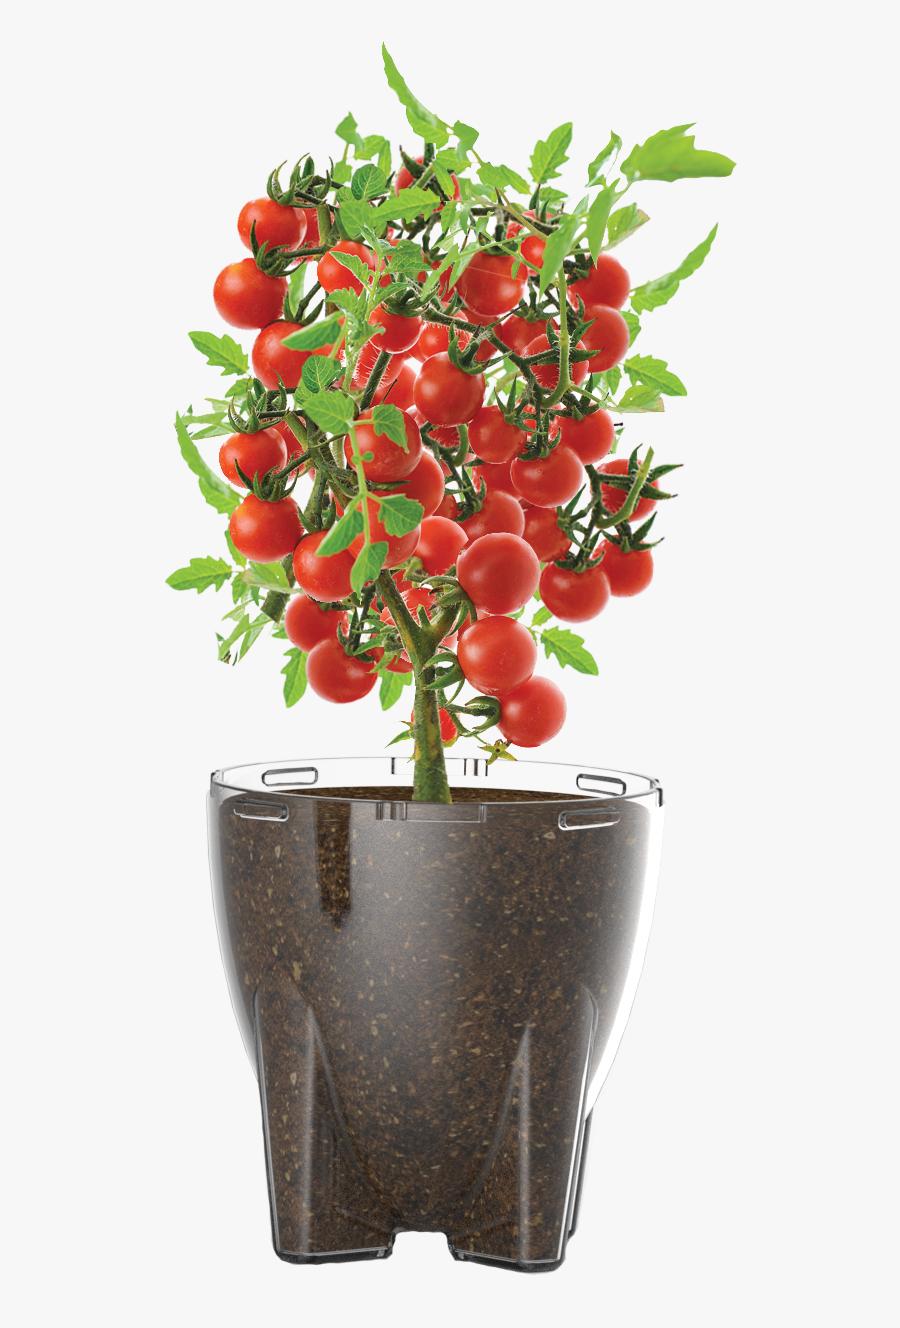 Tomato Plant Png, Transparent Clipart